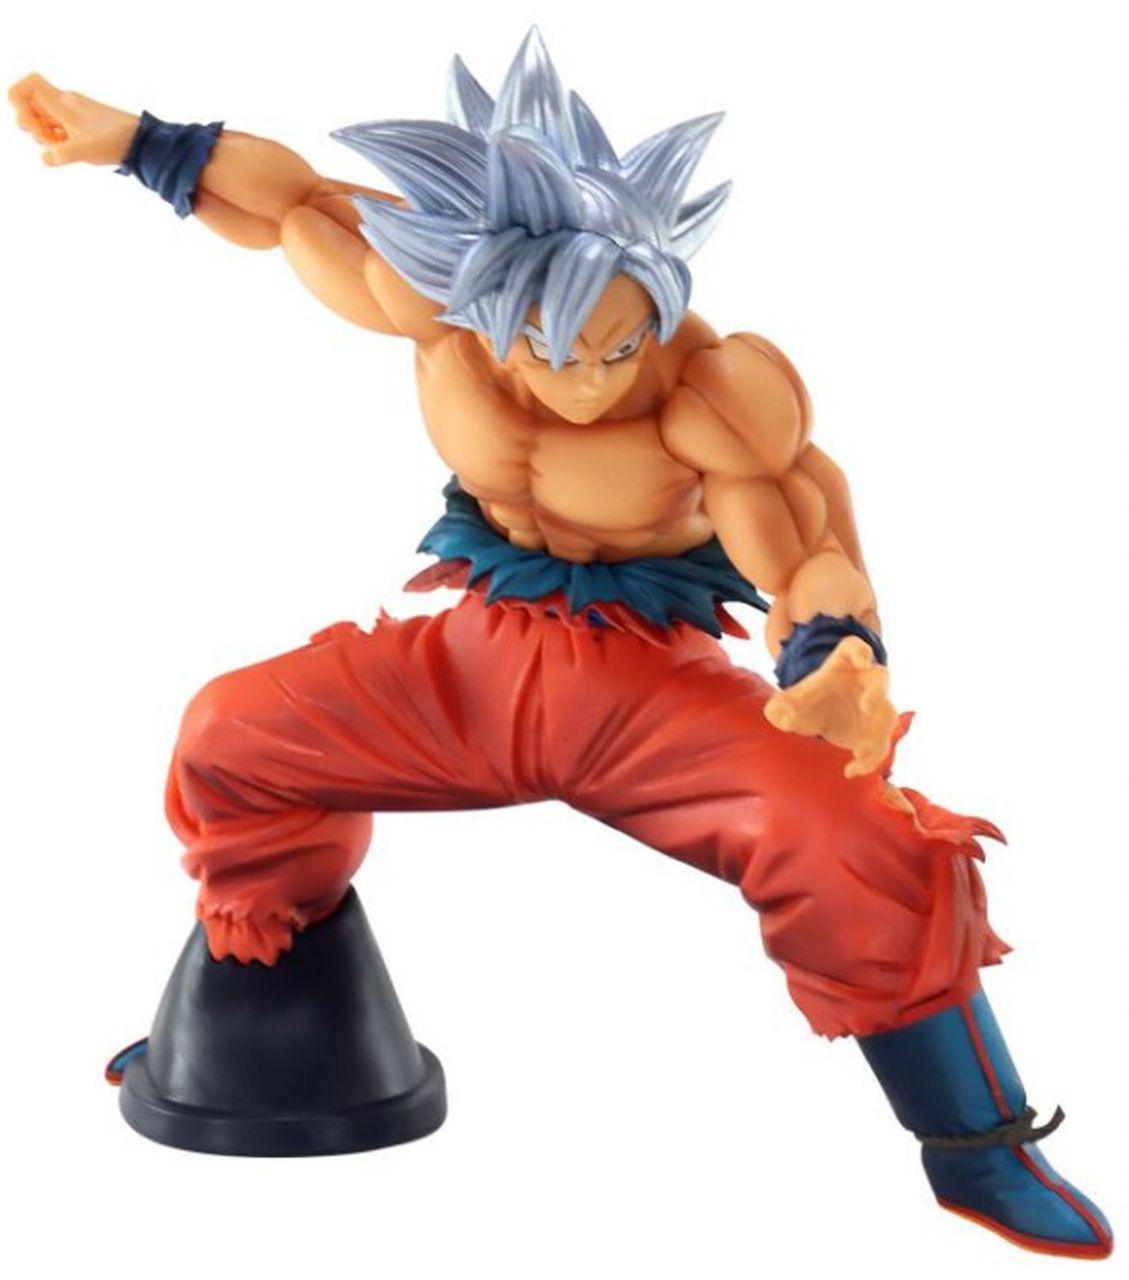 Estátua Goku Instinto Superior (Maximatic): Dragon Ball Super - Boneco Colecionável Anime Mangá - Banpresto Bandai